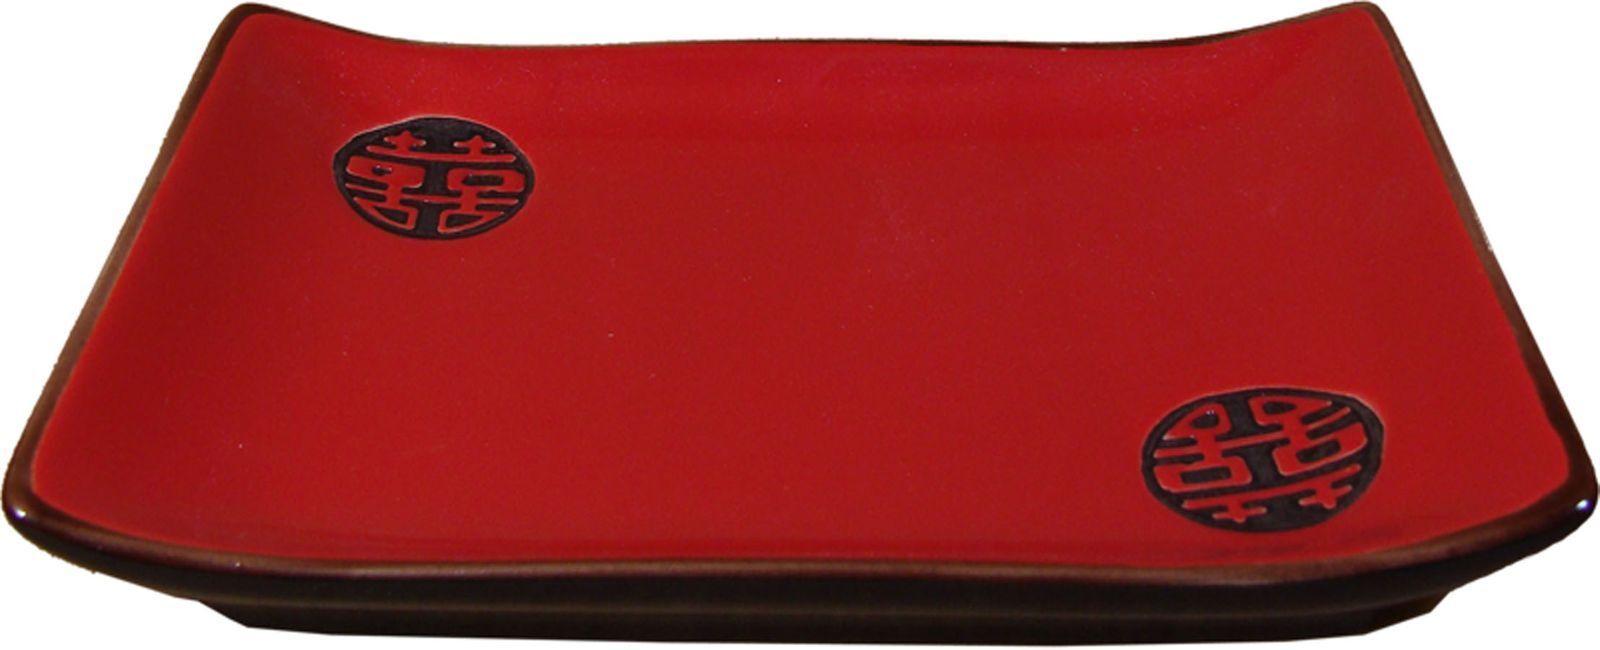 DOPPELGLÜCK [ schwarz/rot ] Essteller [ 17.5 x 12cm ] Sushi-Teller